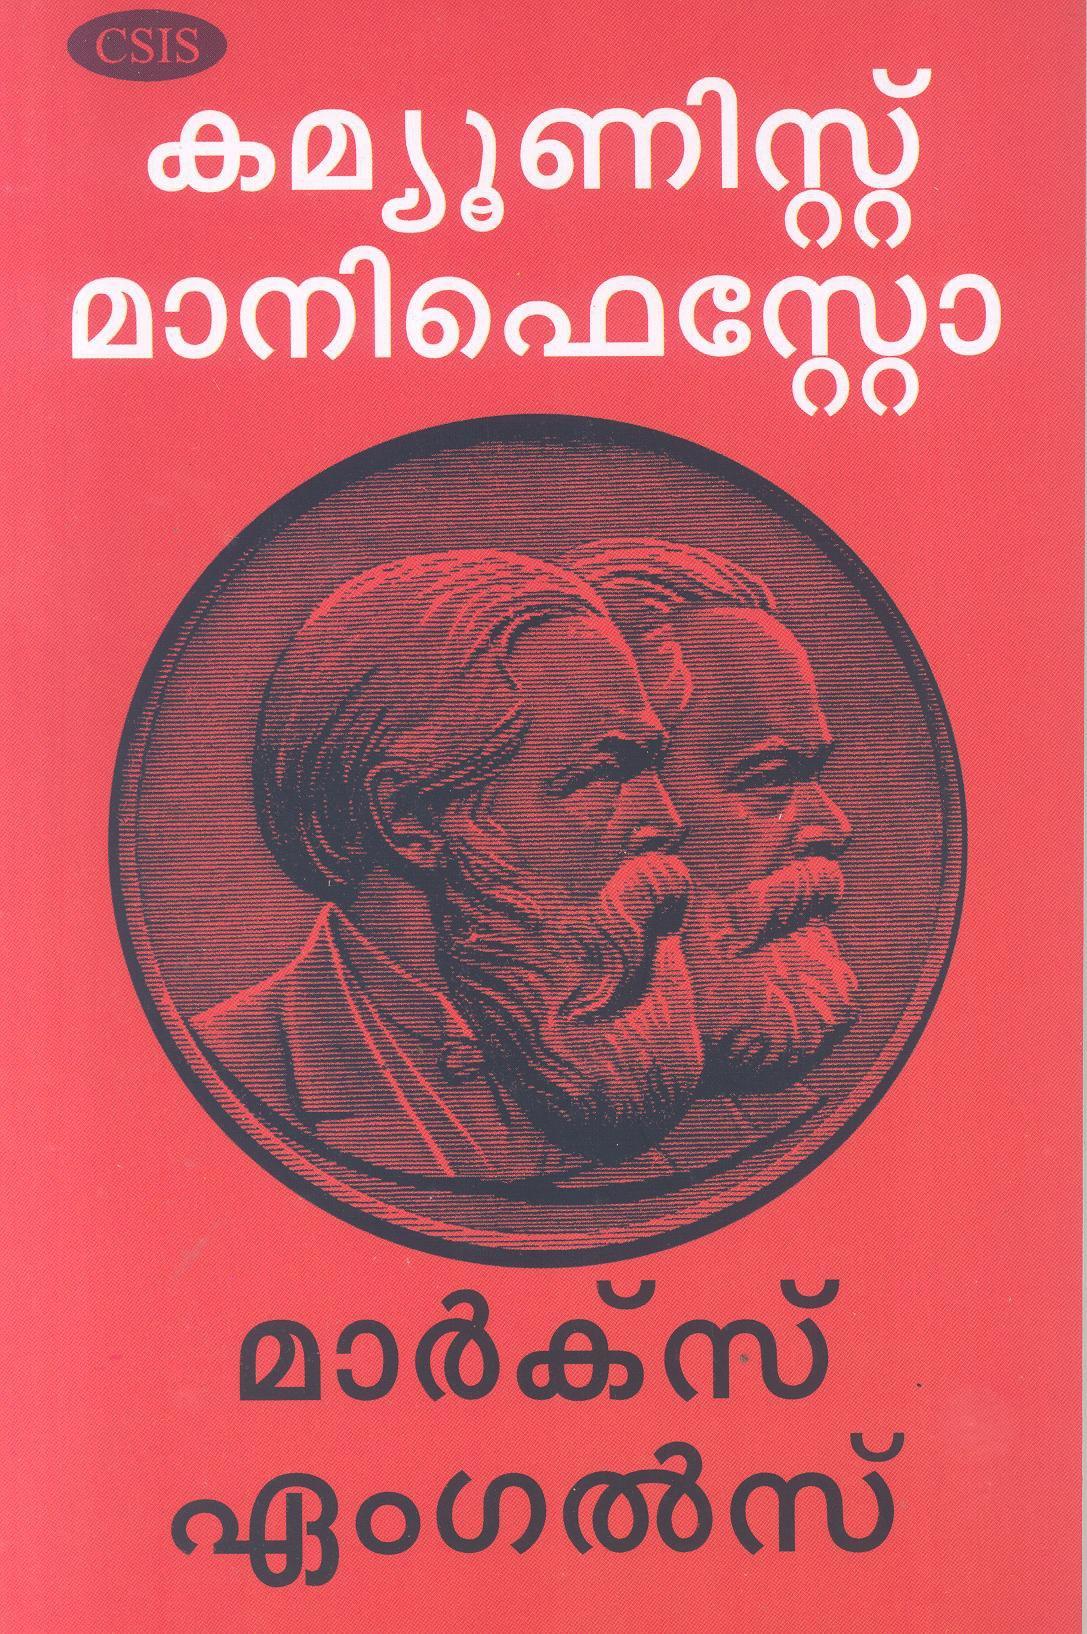 Edición del Manifiesto en malabar ( malayalam), idioma del Estado de Kerala (India)